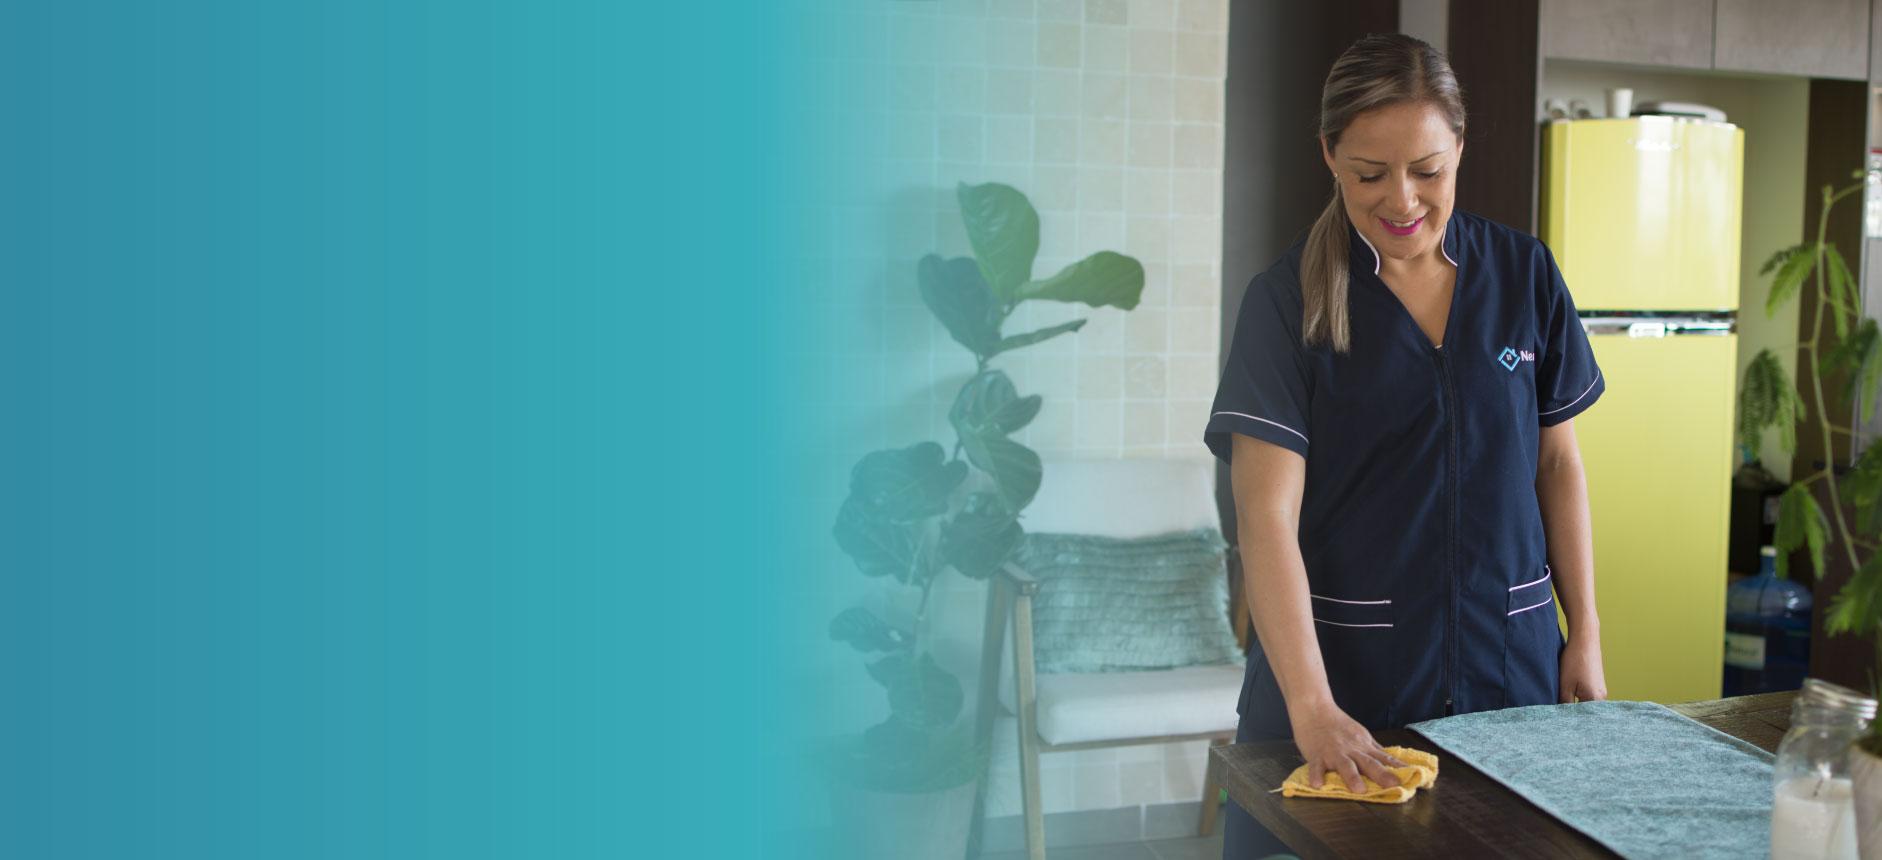 Servicios de limpieza residencial y profesional en León, Guanajuato